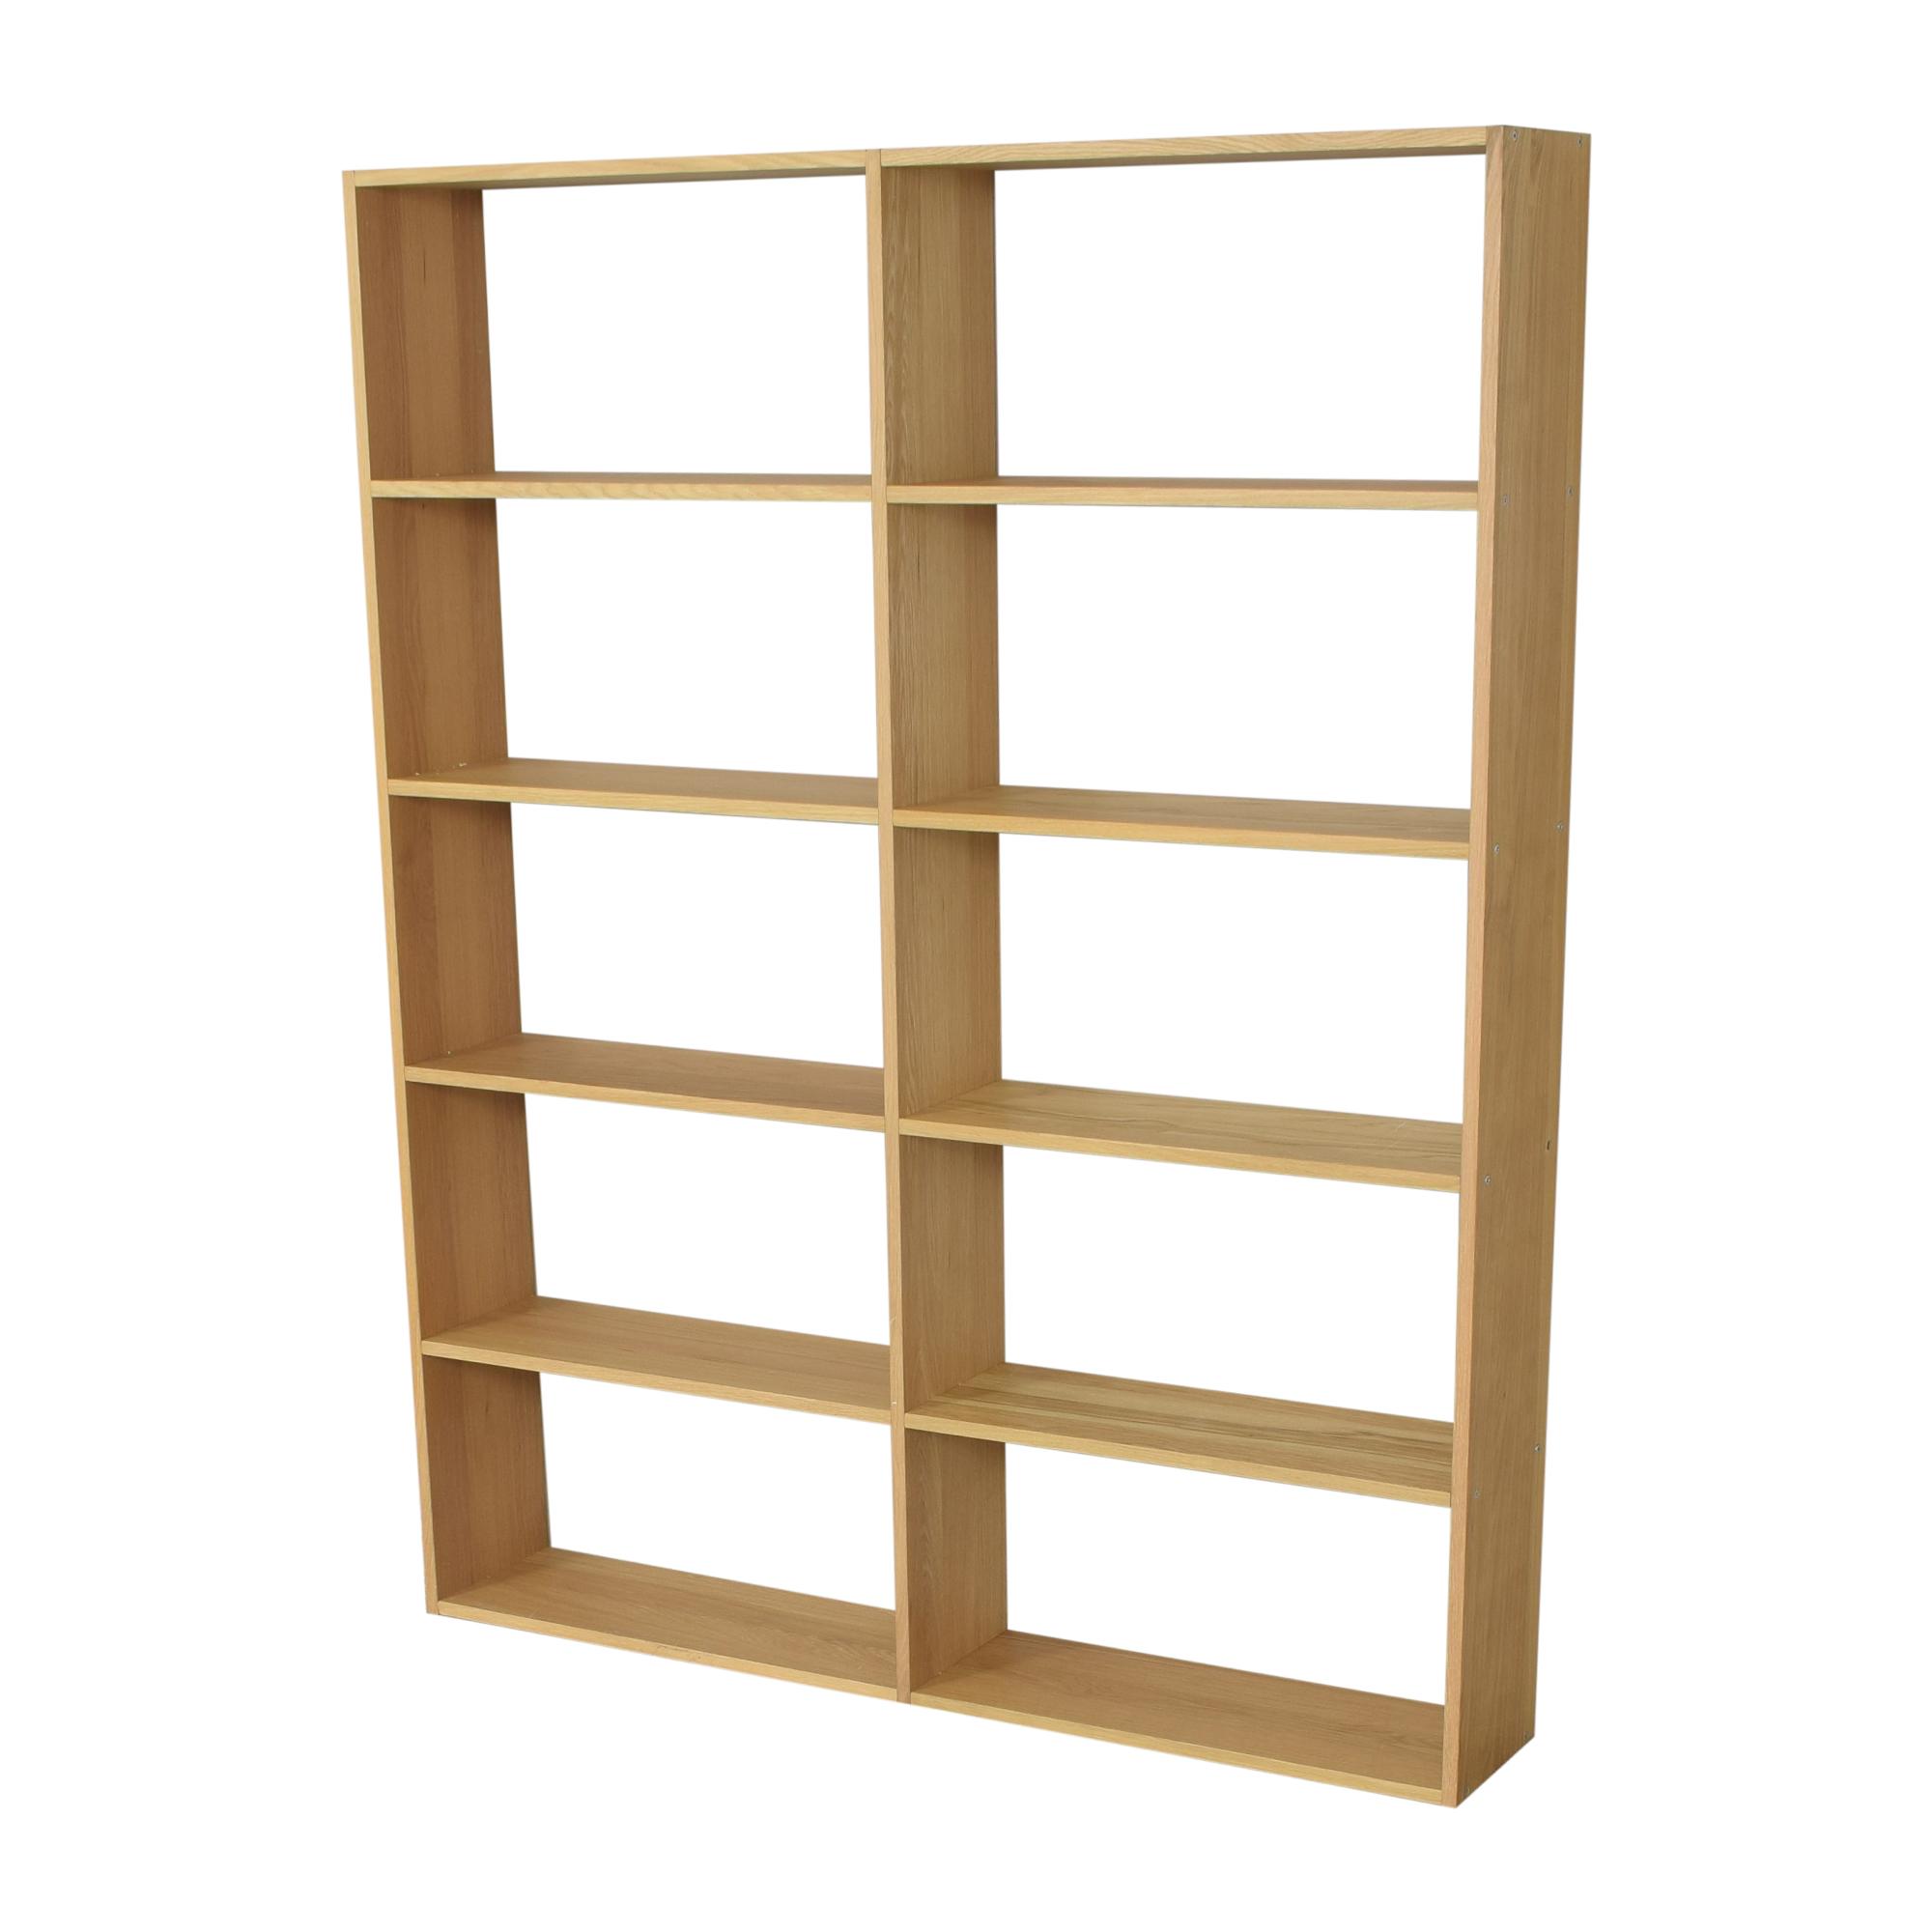 Muji Muji Double Stacking Shelf nyc